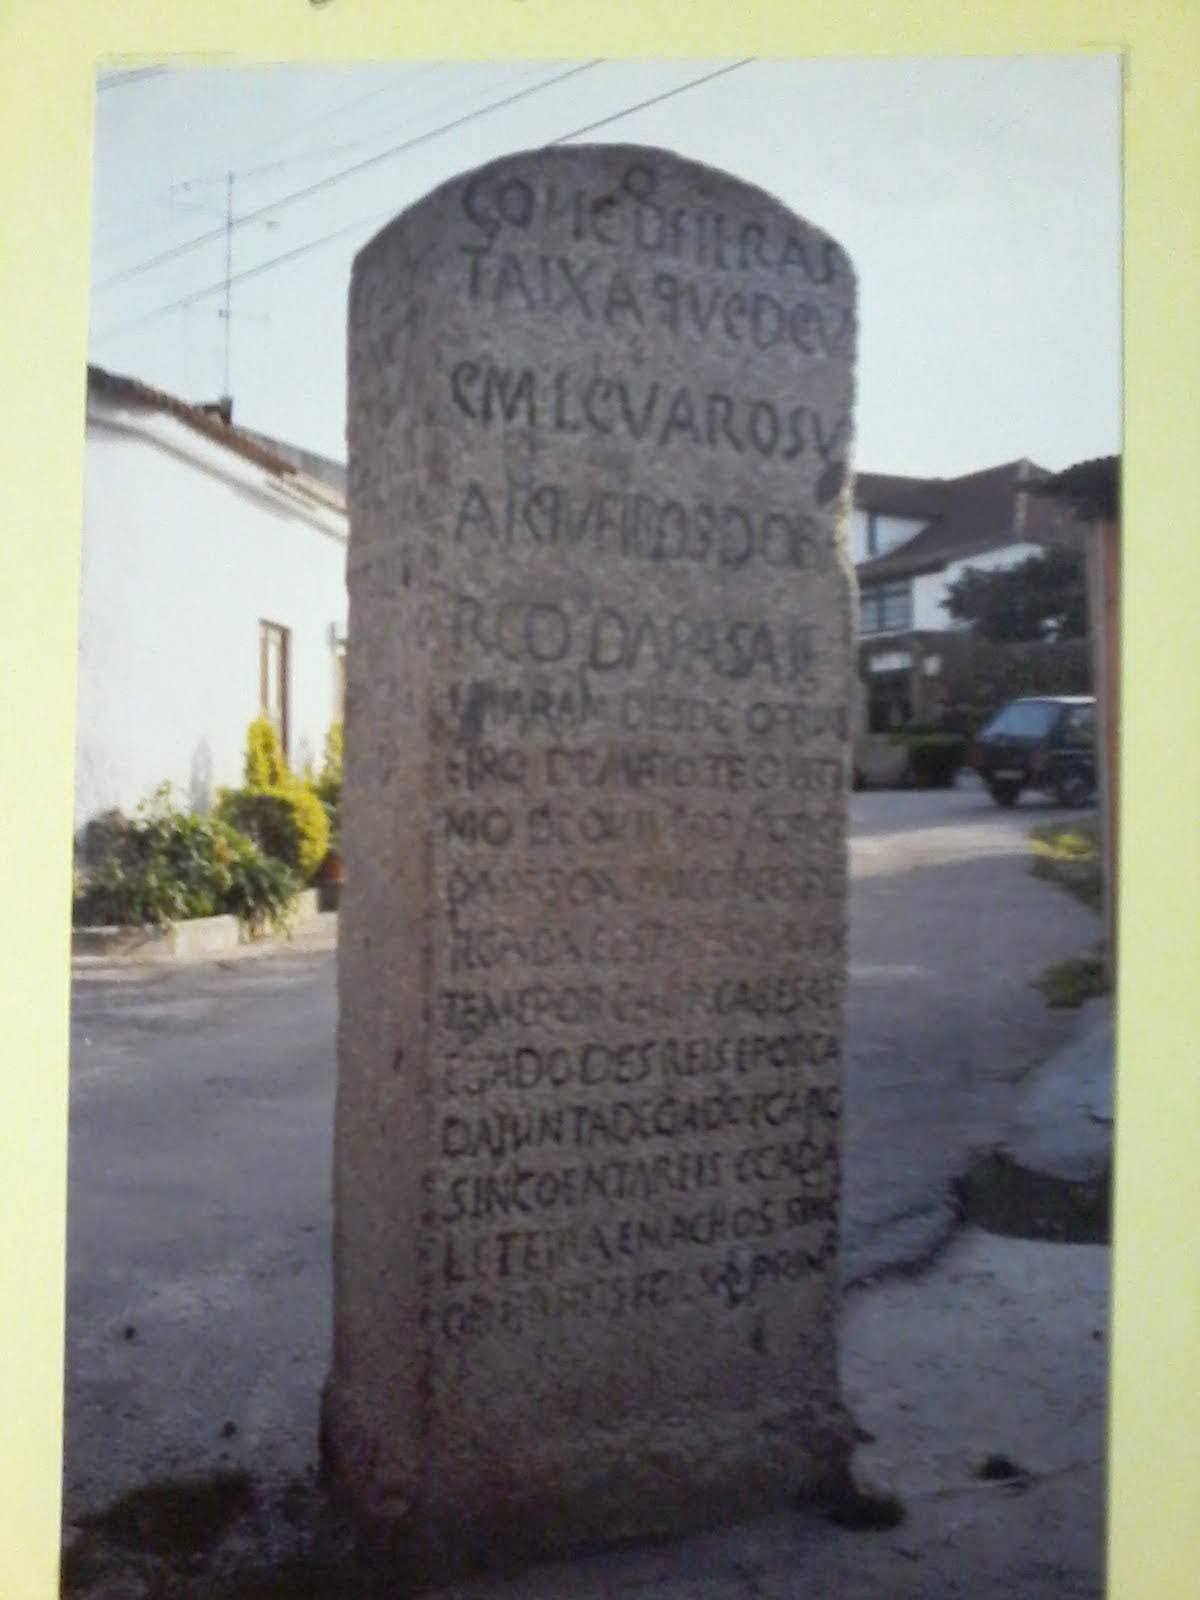 Inscrições gravadas na pedra em terras de Arga e Lima